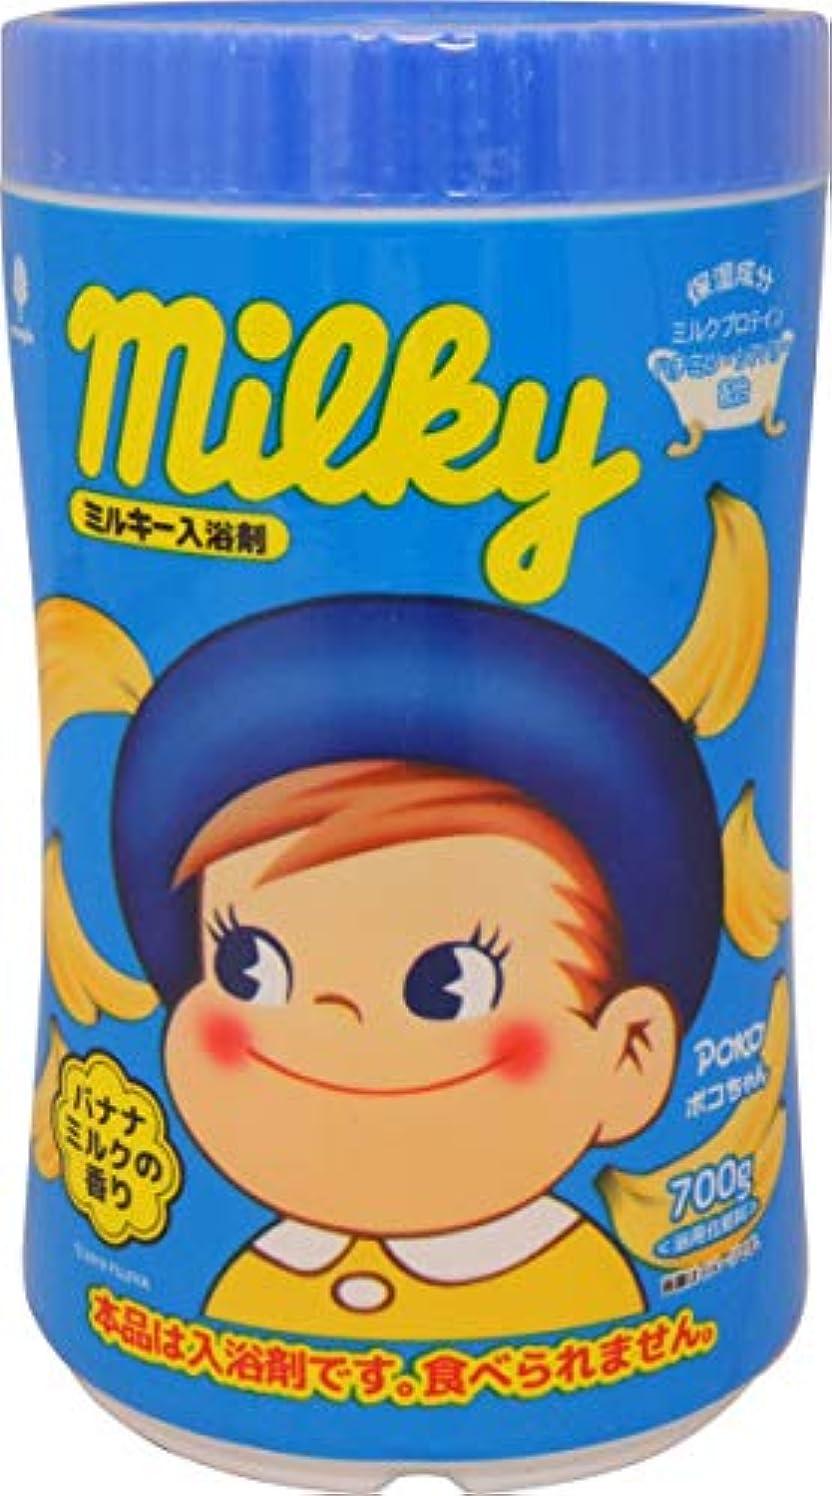 テラス同等の振りかける紀陽除虫菊 ミルキー入浴剤 ポコちゃん ボトル バナナミルクの香り 700g